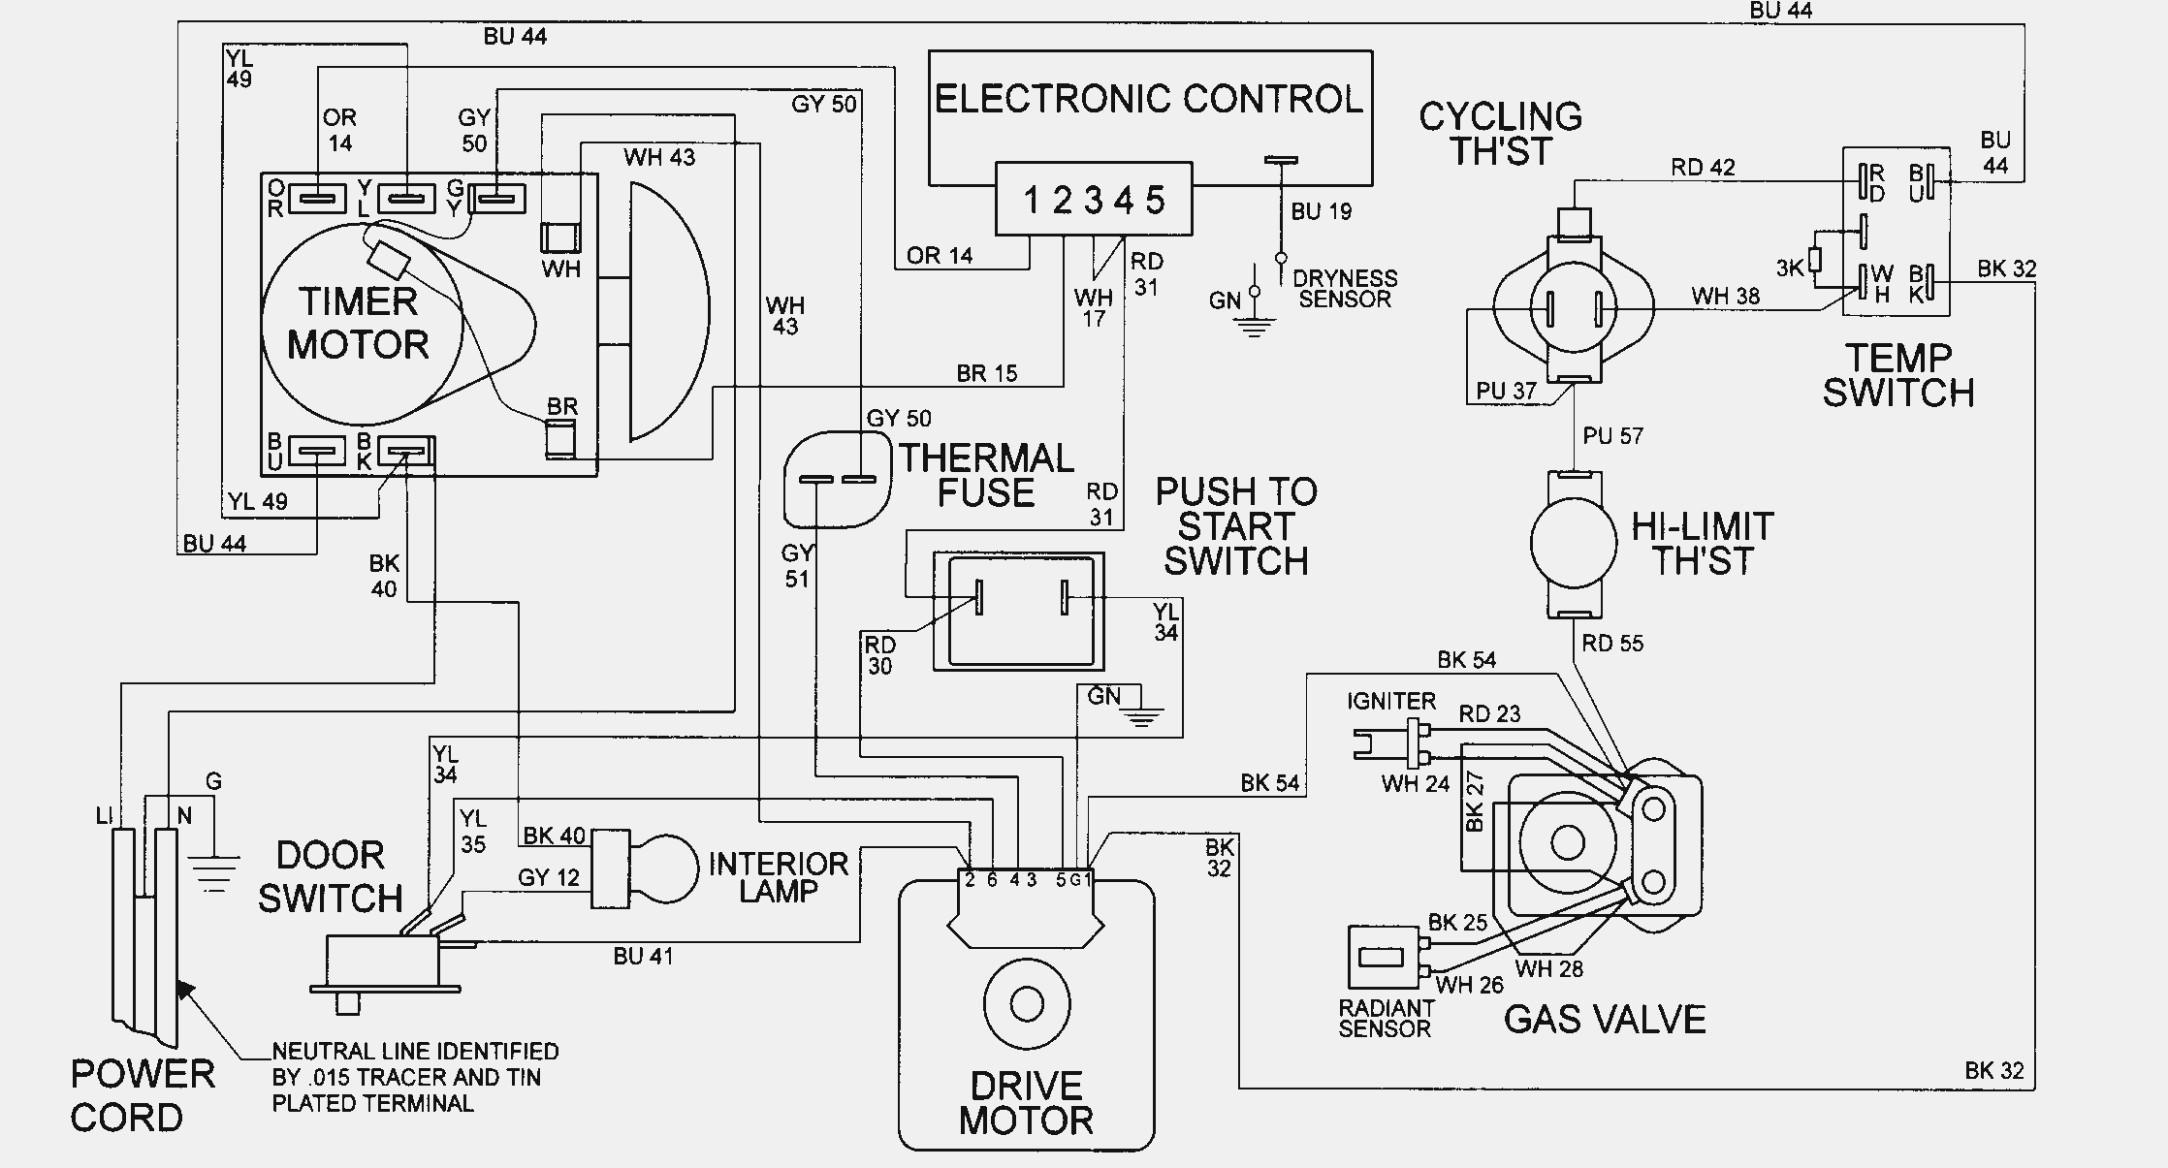 maytag diagrams maytag stove wiring diagrams wiring diagram data  maytag stove wiring diagrams wiring